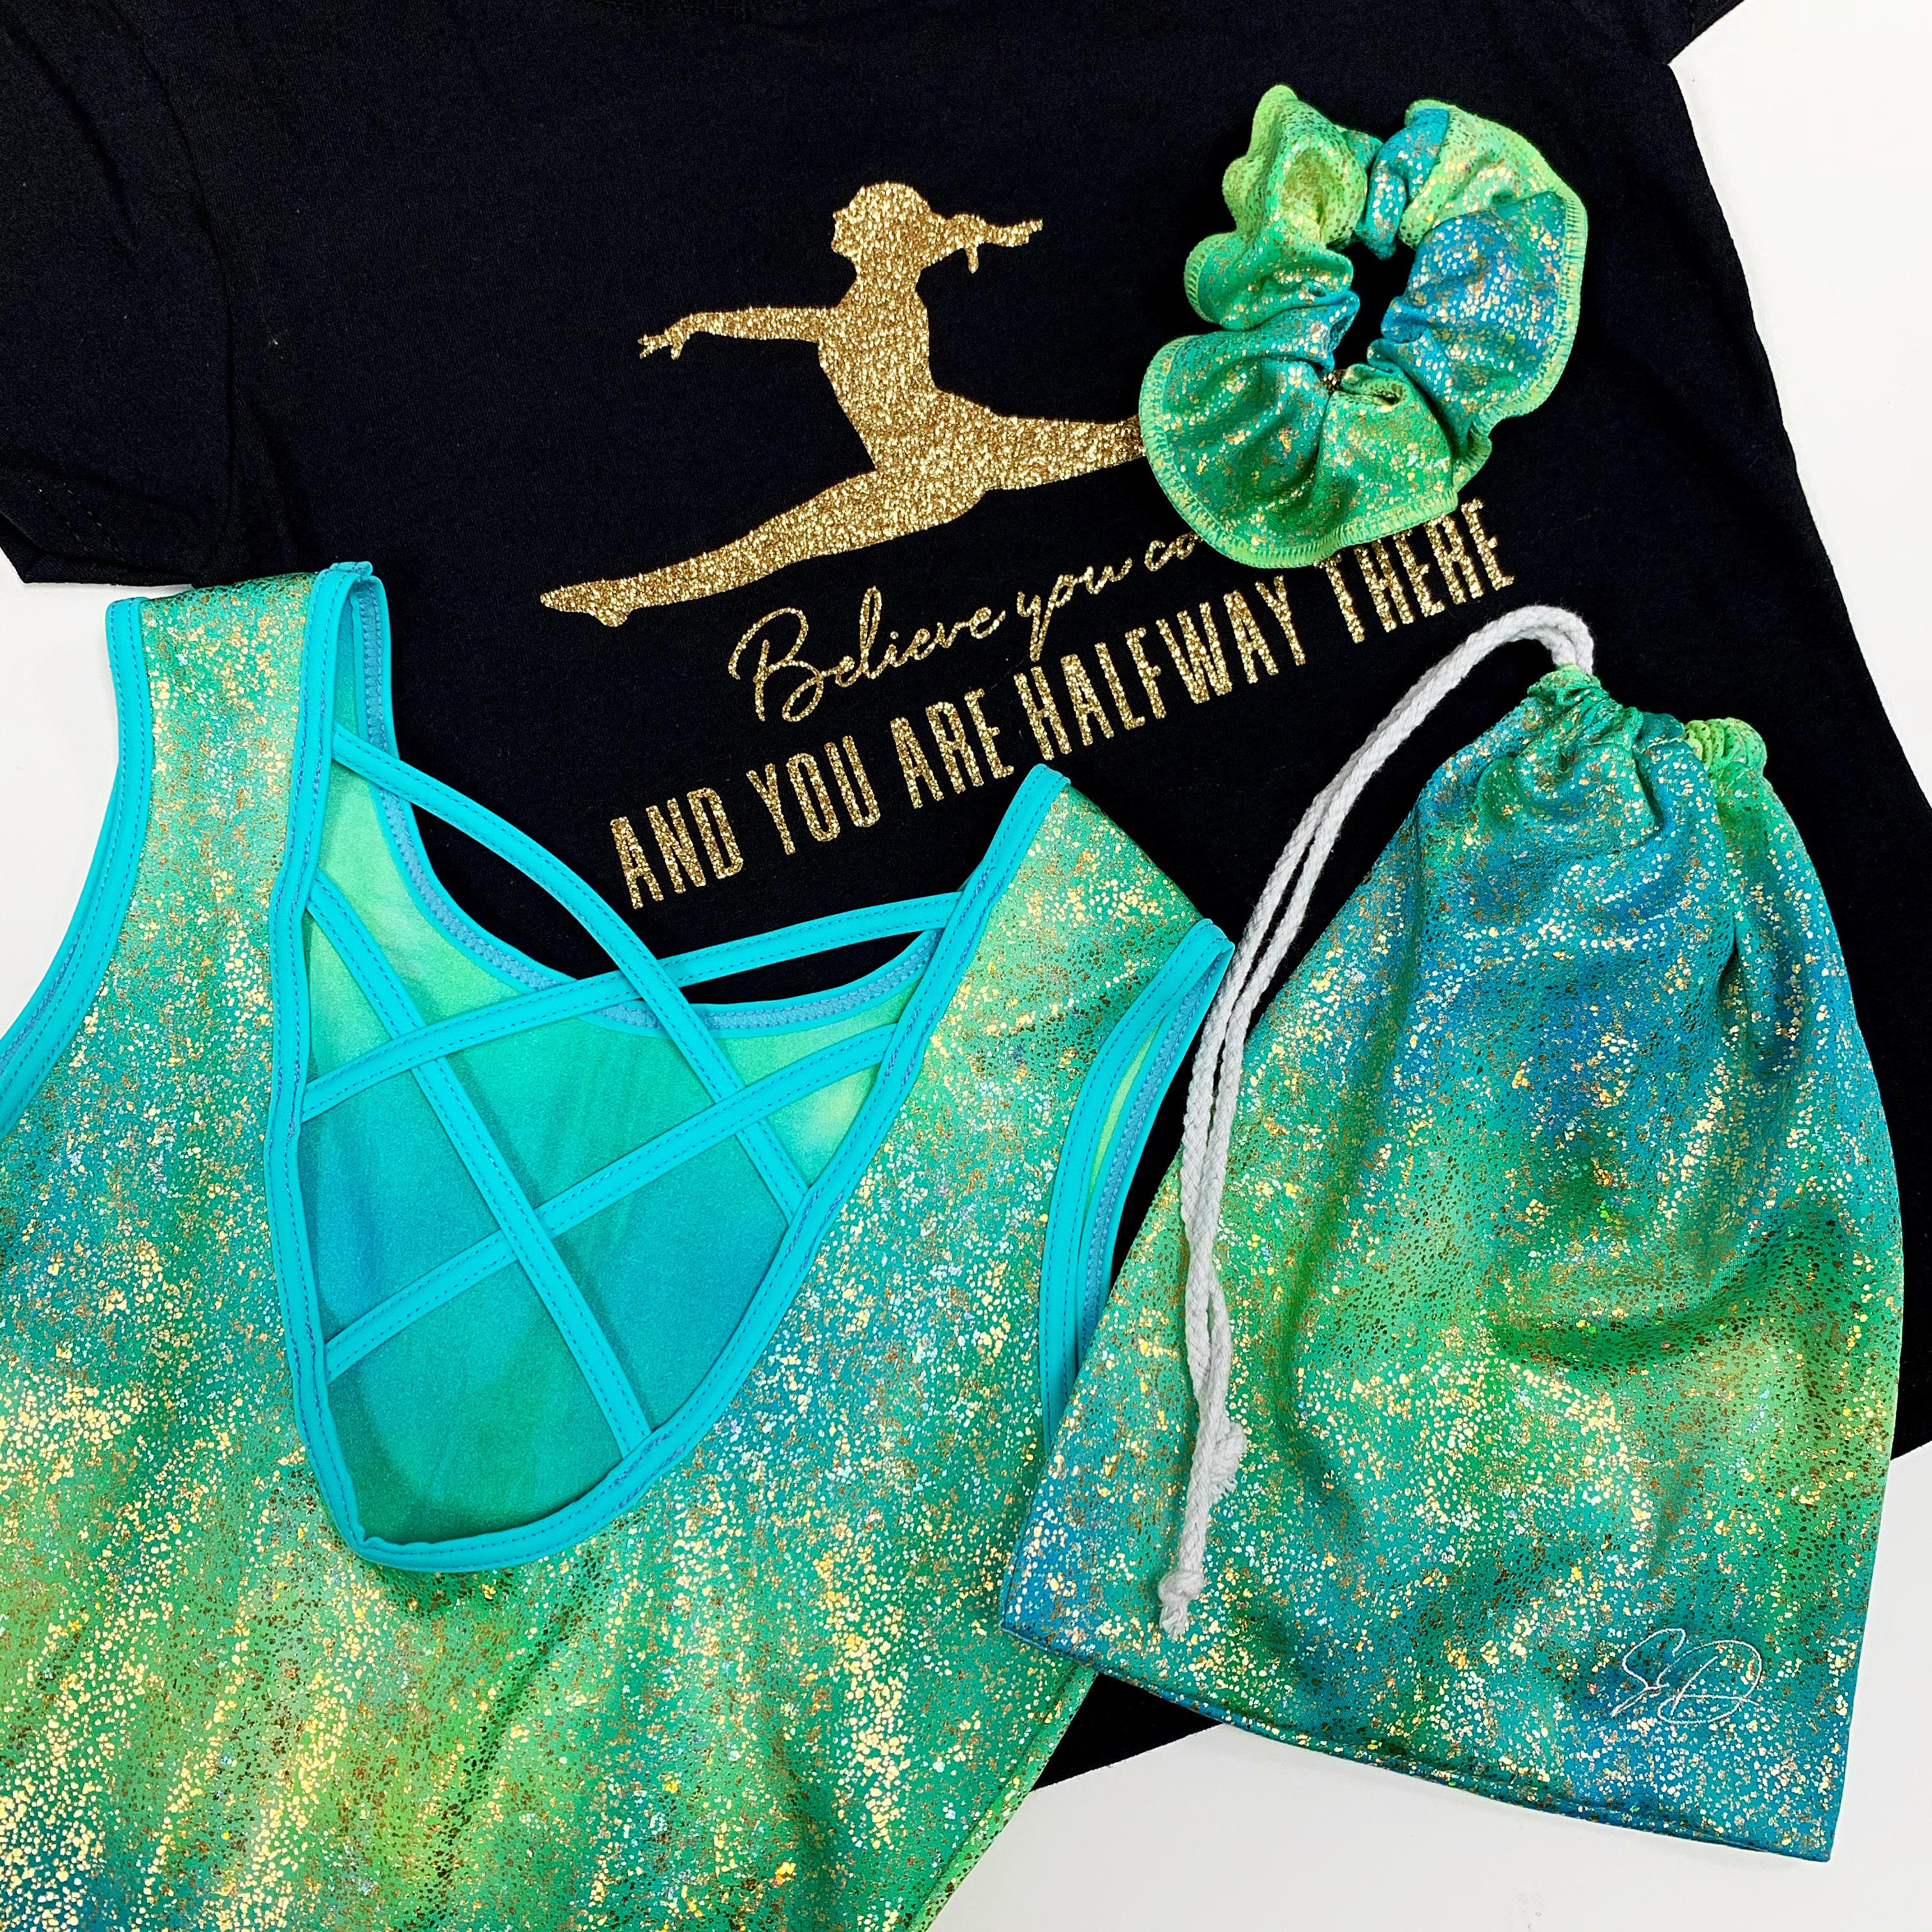 Turnpakje Morgan groen, tasje Morgan groen, scrunchie, shirt believe you can goud Sparkle&Dream